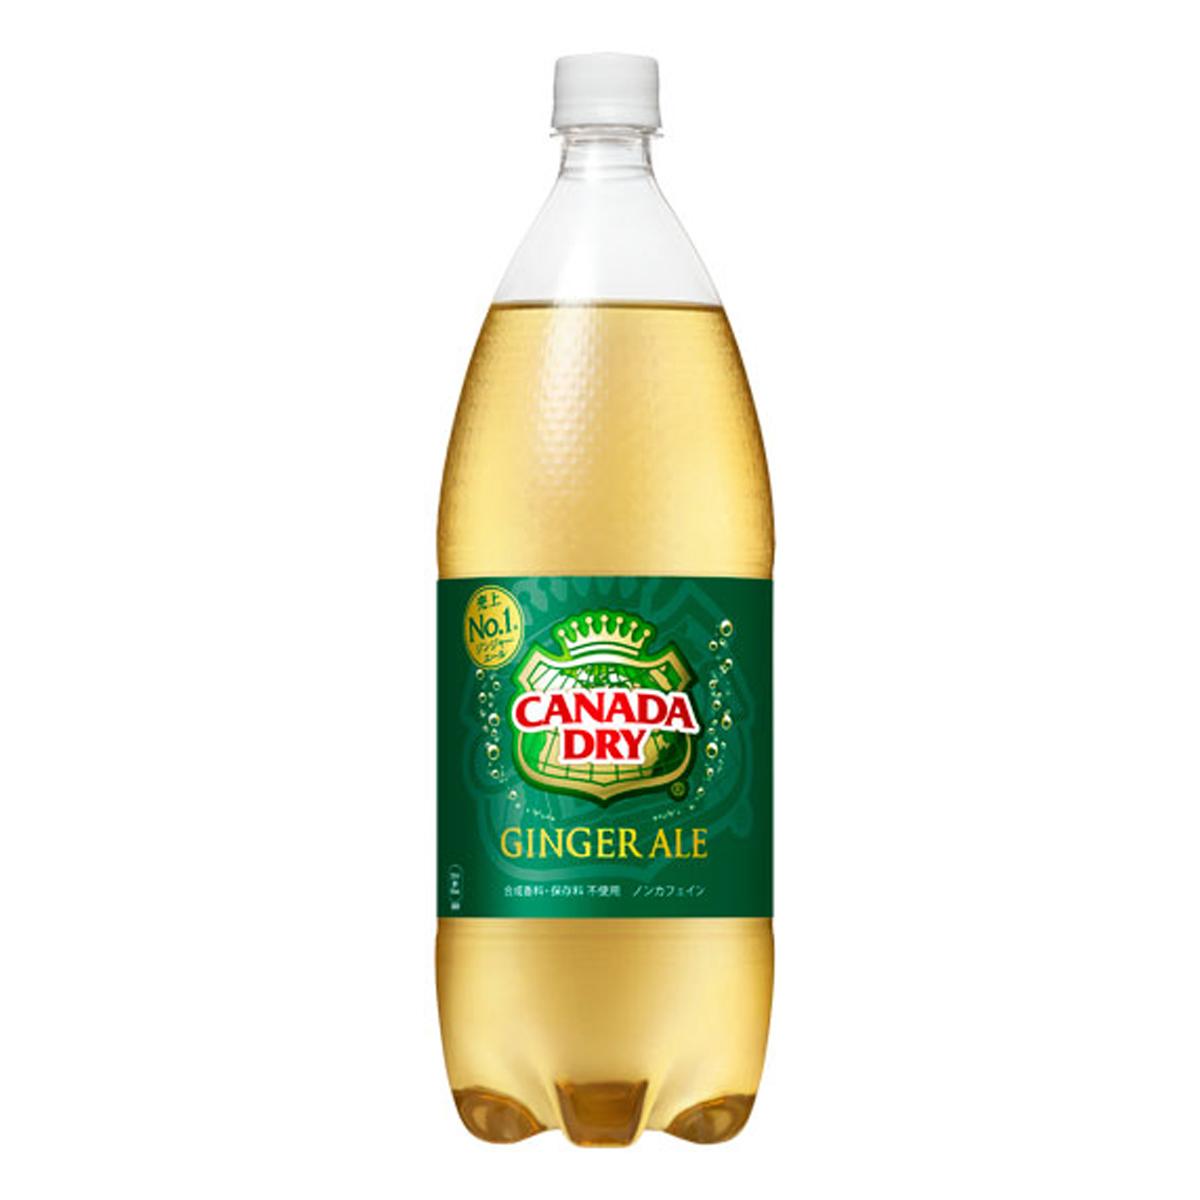 【2ケースセット】コカ・コーラ カナダドライ ジンジャーエール 1.5LPET 飲料 飲み物 ソフトドリンク ペットボトル 8本×2ケース 買い回り 買い周り 買いまわり ポイント消化